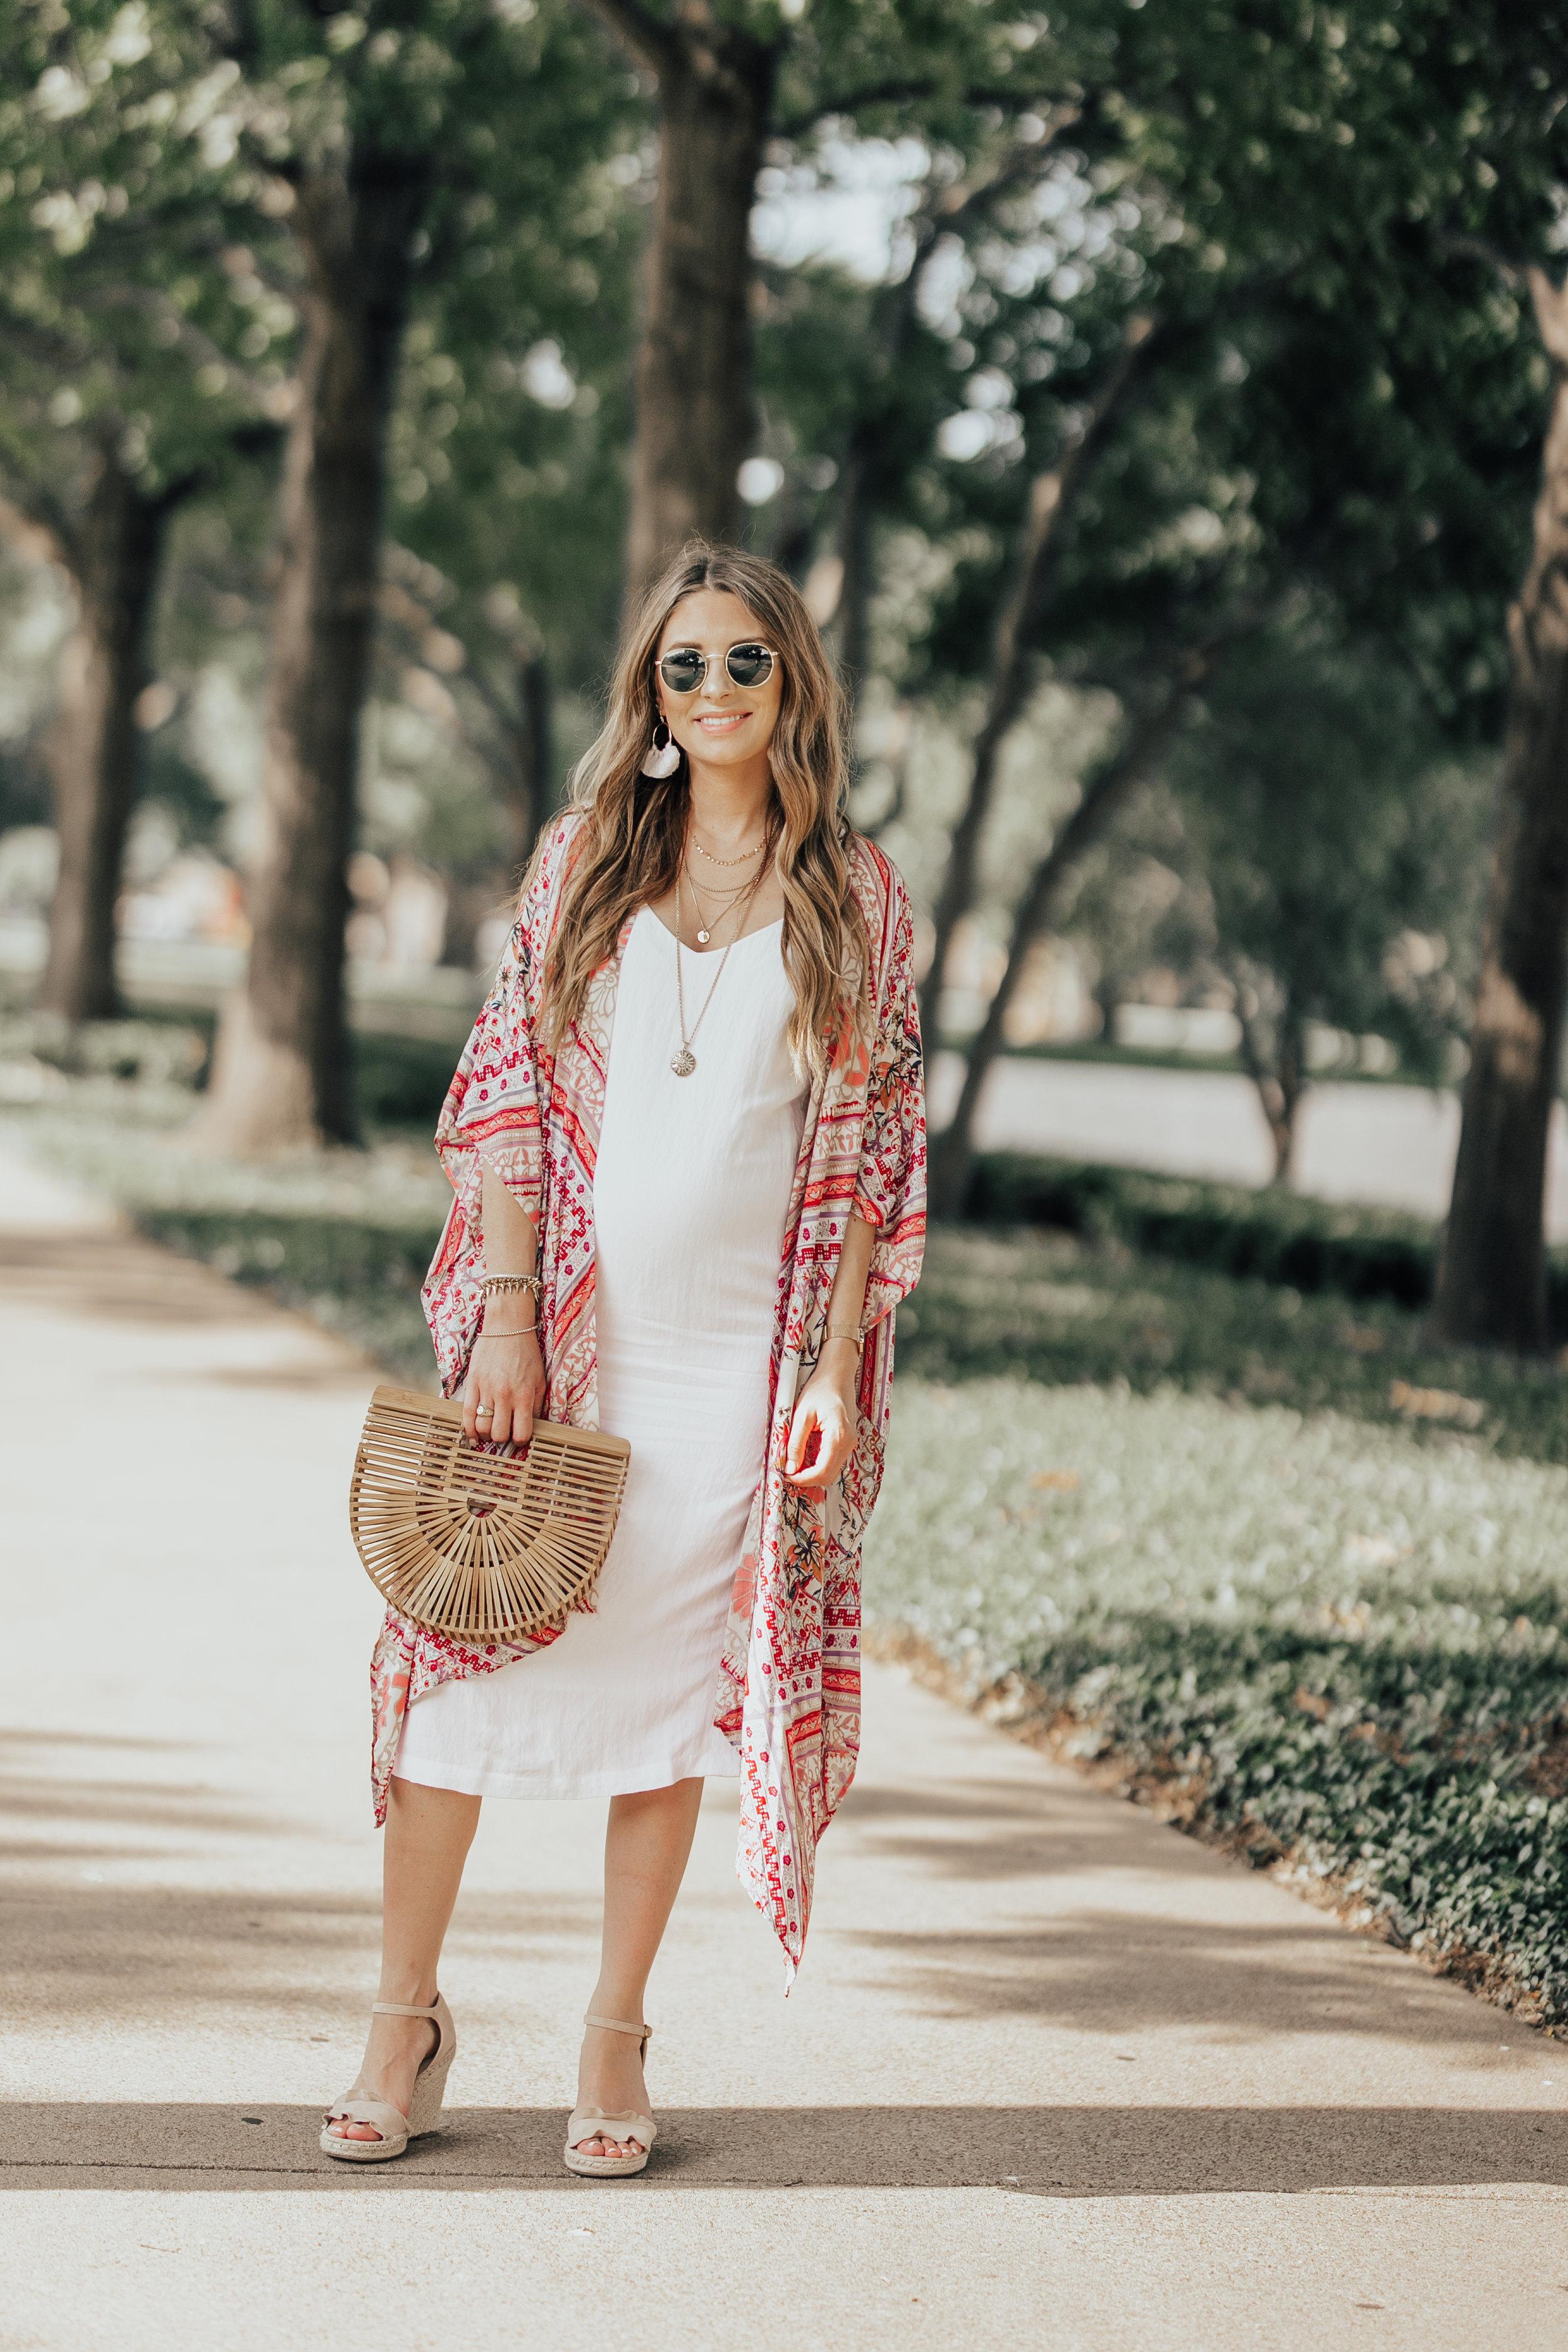 White Dress + Kimono